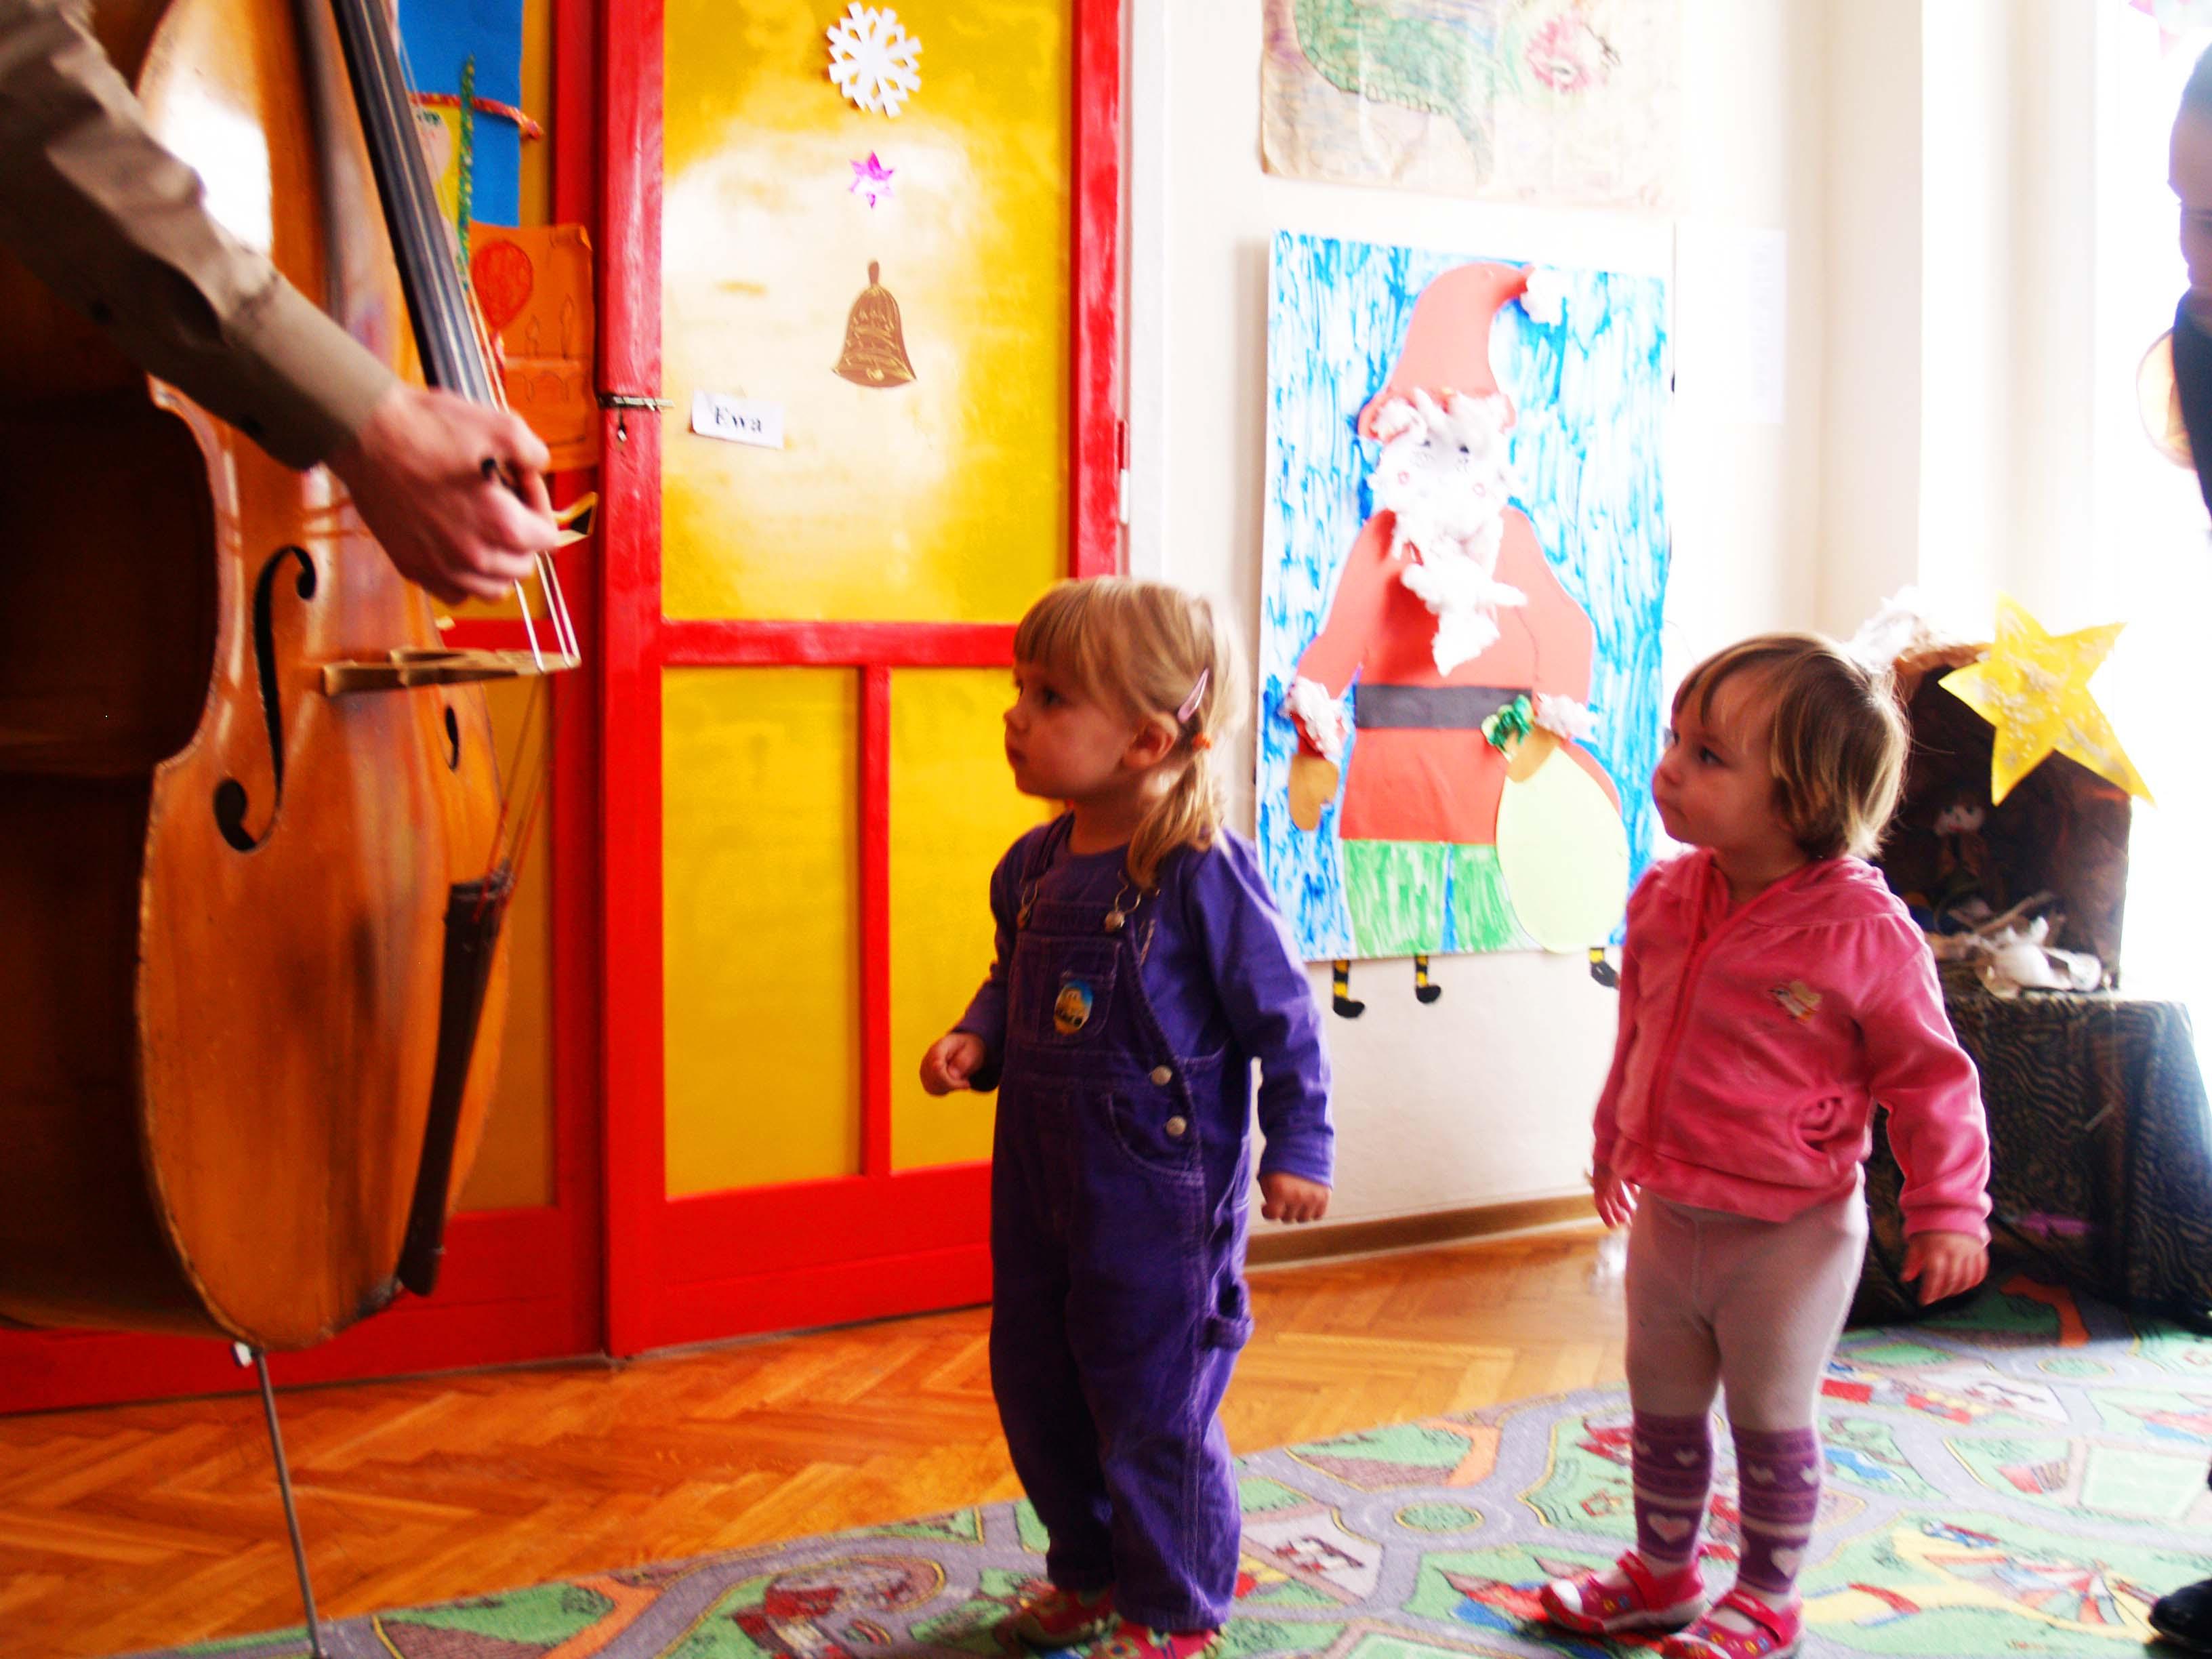 Cudowny wpływ muzyki, czyli jak granie na instrumencie determinuje pozytywny rozwój dziecka